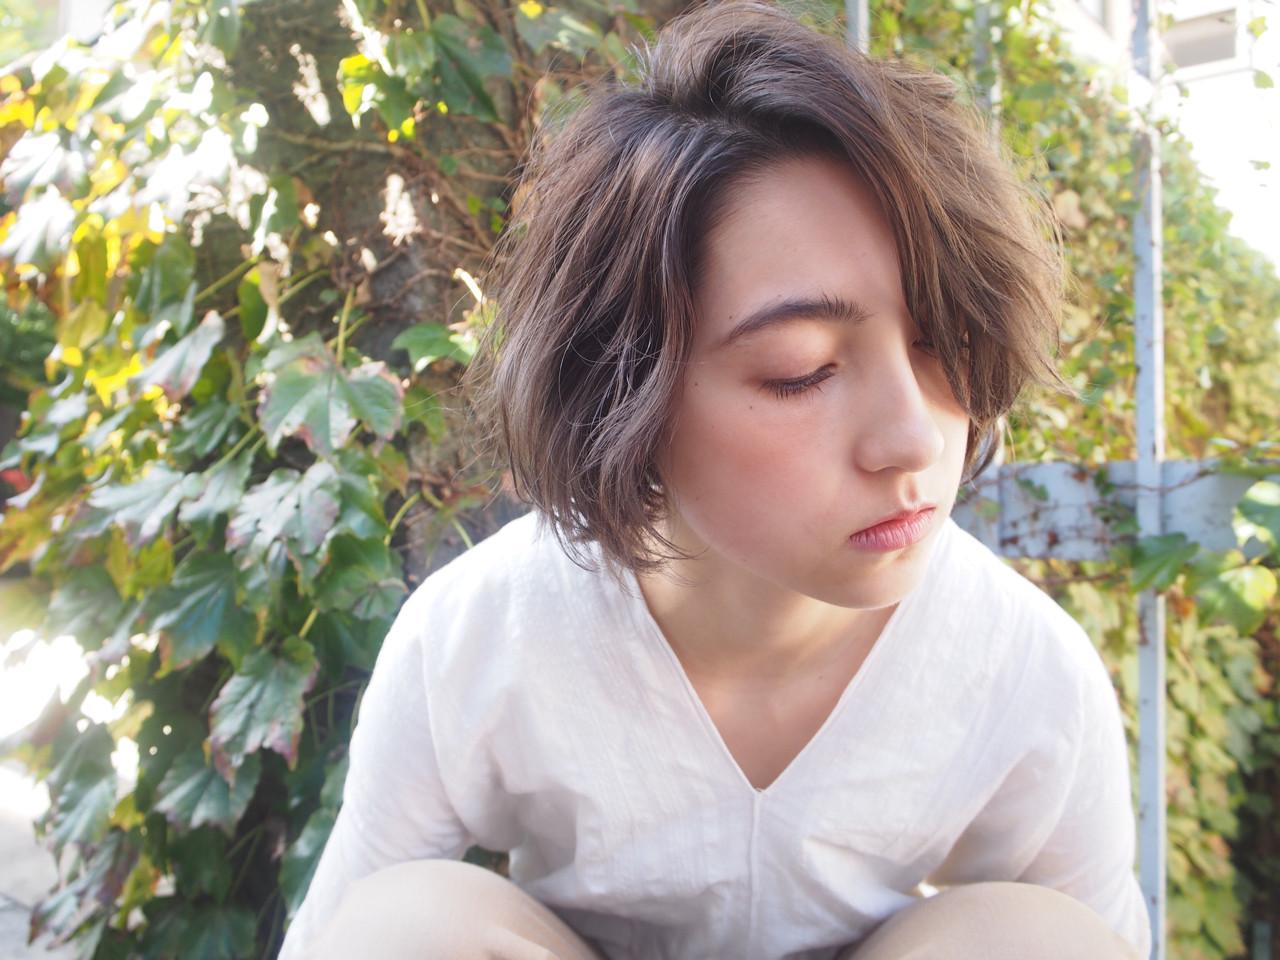 アッシュ 冬 ナチュラル ハイライト ヘアスタイルや髪型の写真・画像 | 鈴木 成治 / LOAVE AOYAMA(ローヴ アオヤマ)